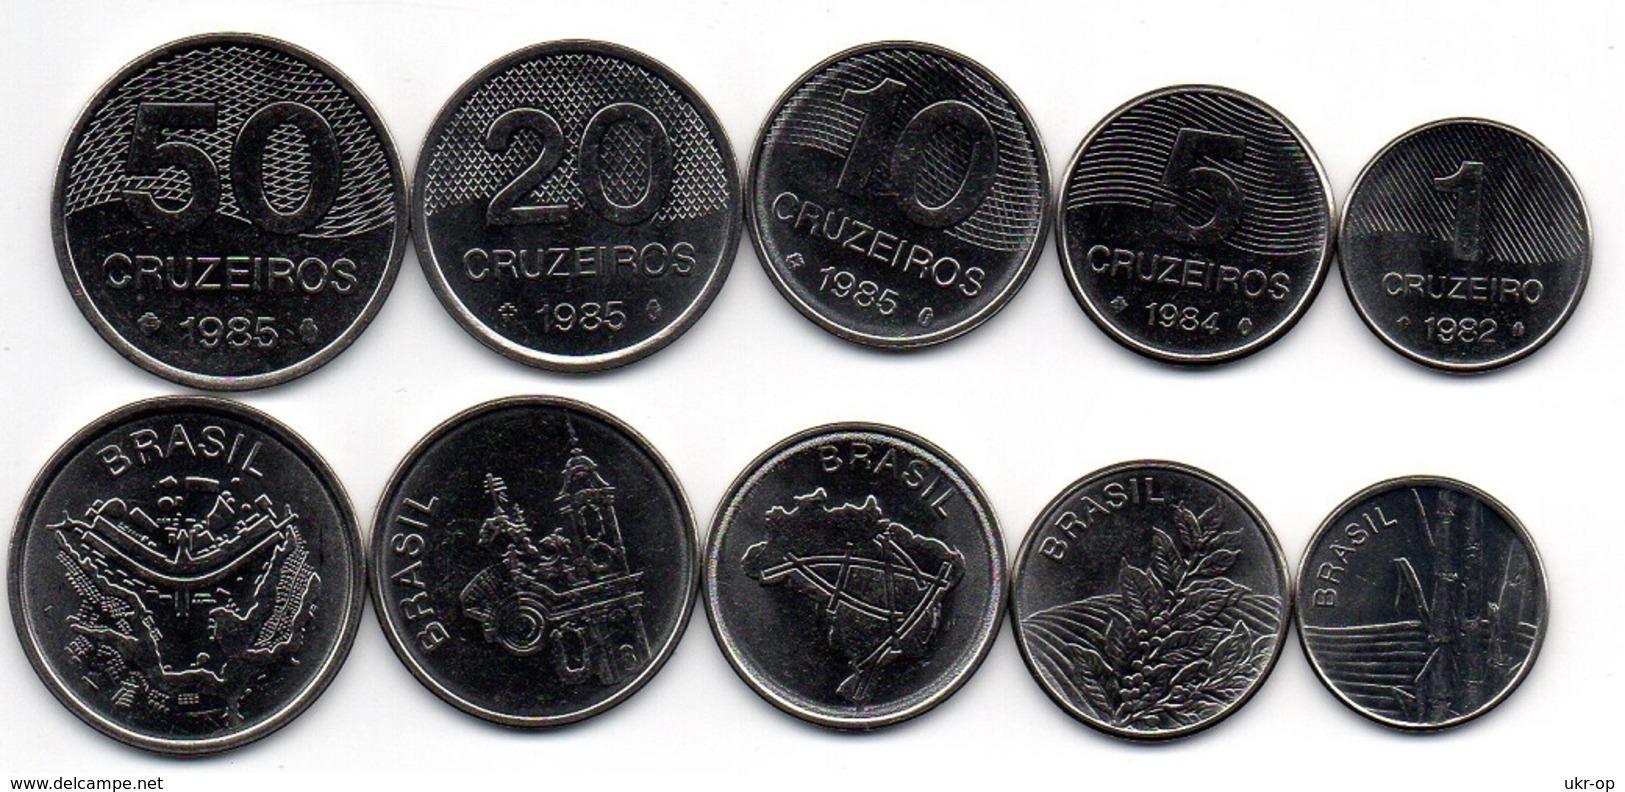 Brazil - 1 5 10 20 50 Cruzeiros 1982 - 1985 UNC Set 5 Coins Ukr-OP - Brazil